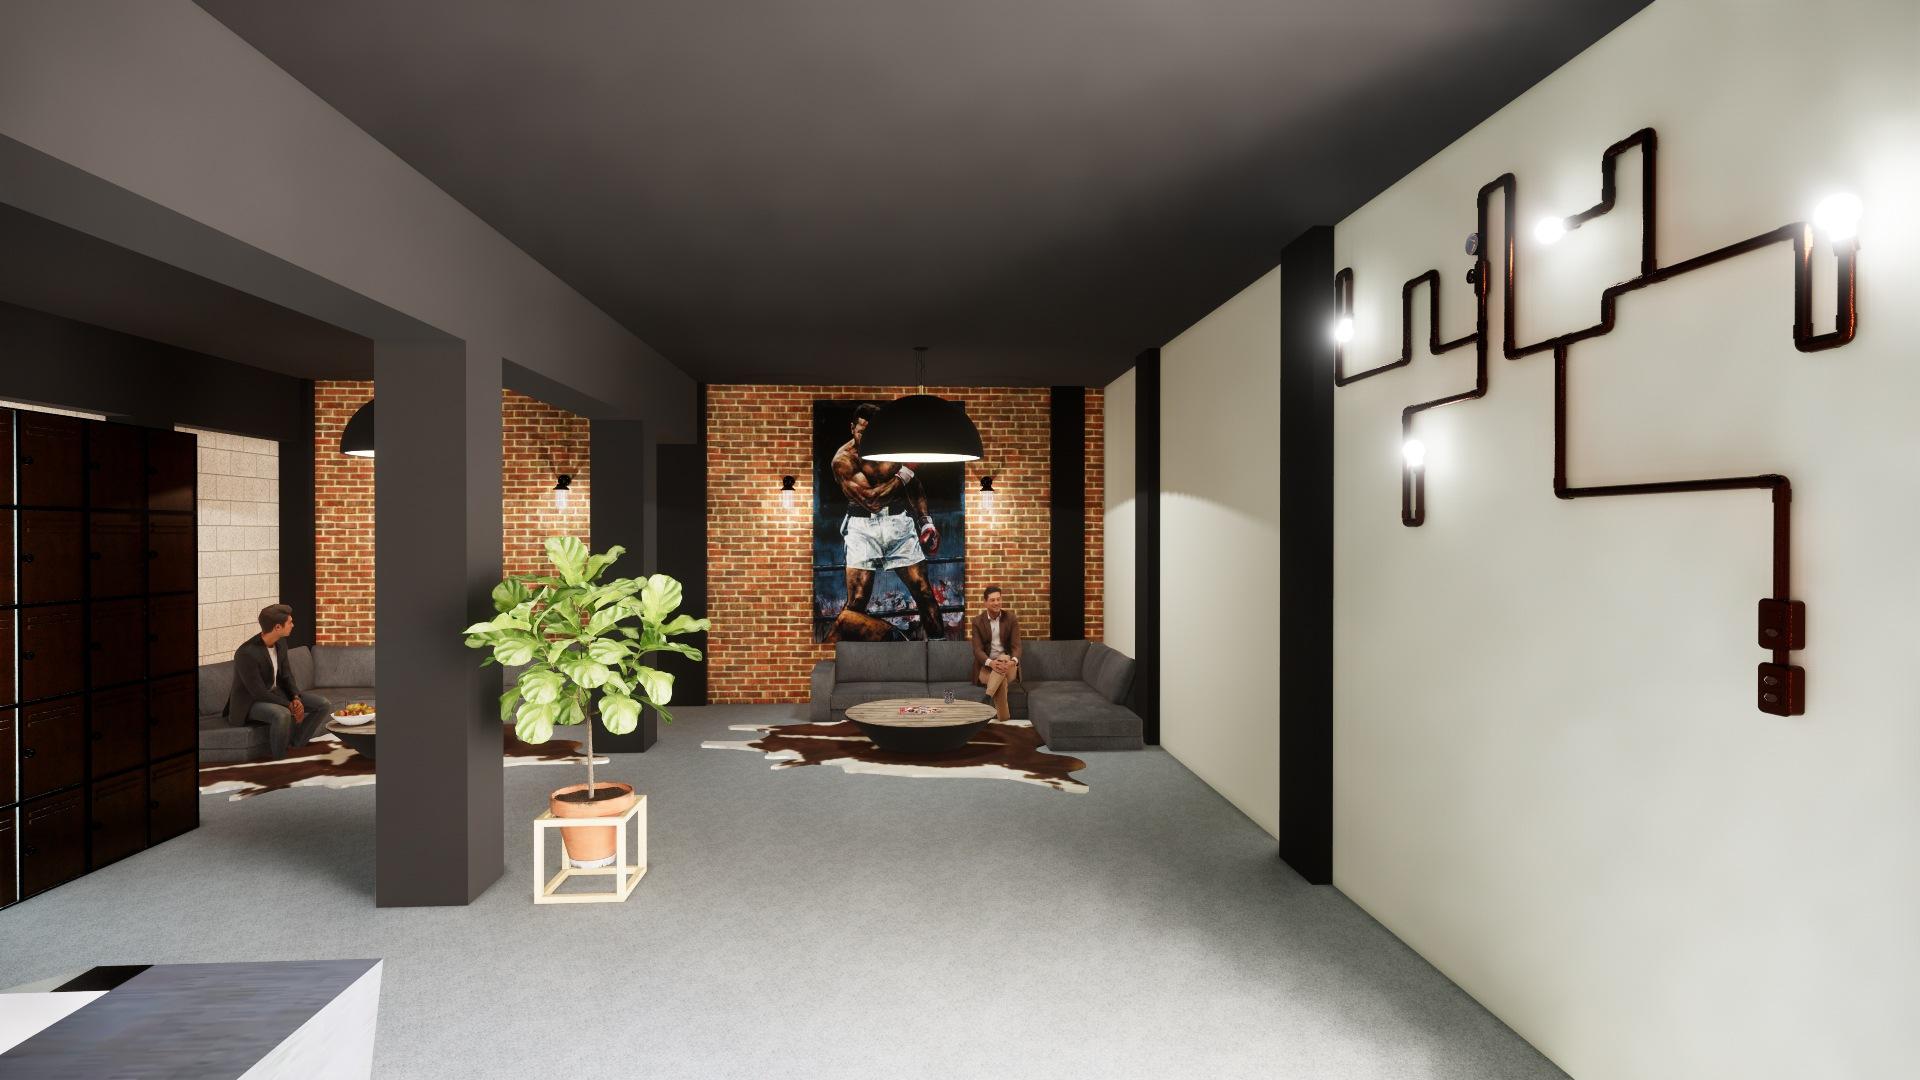 146-impressie-interieur-01-20190925